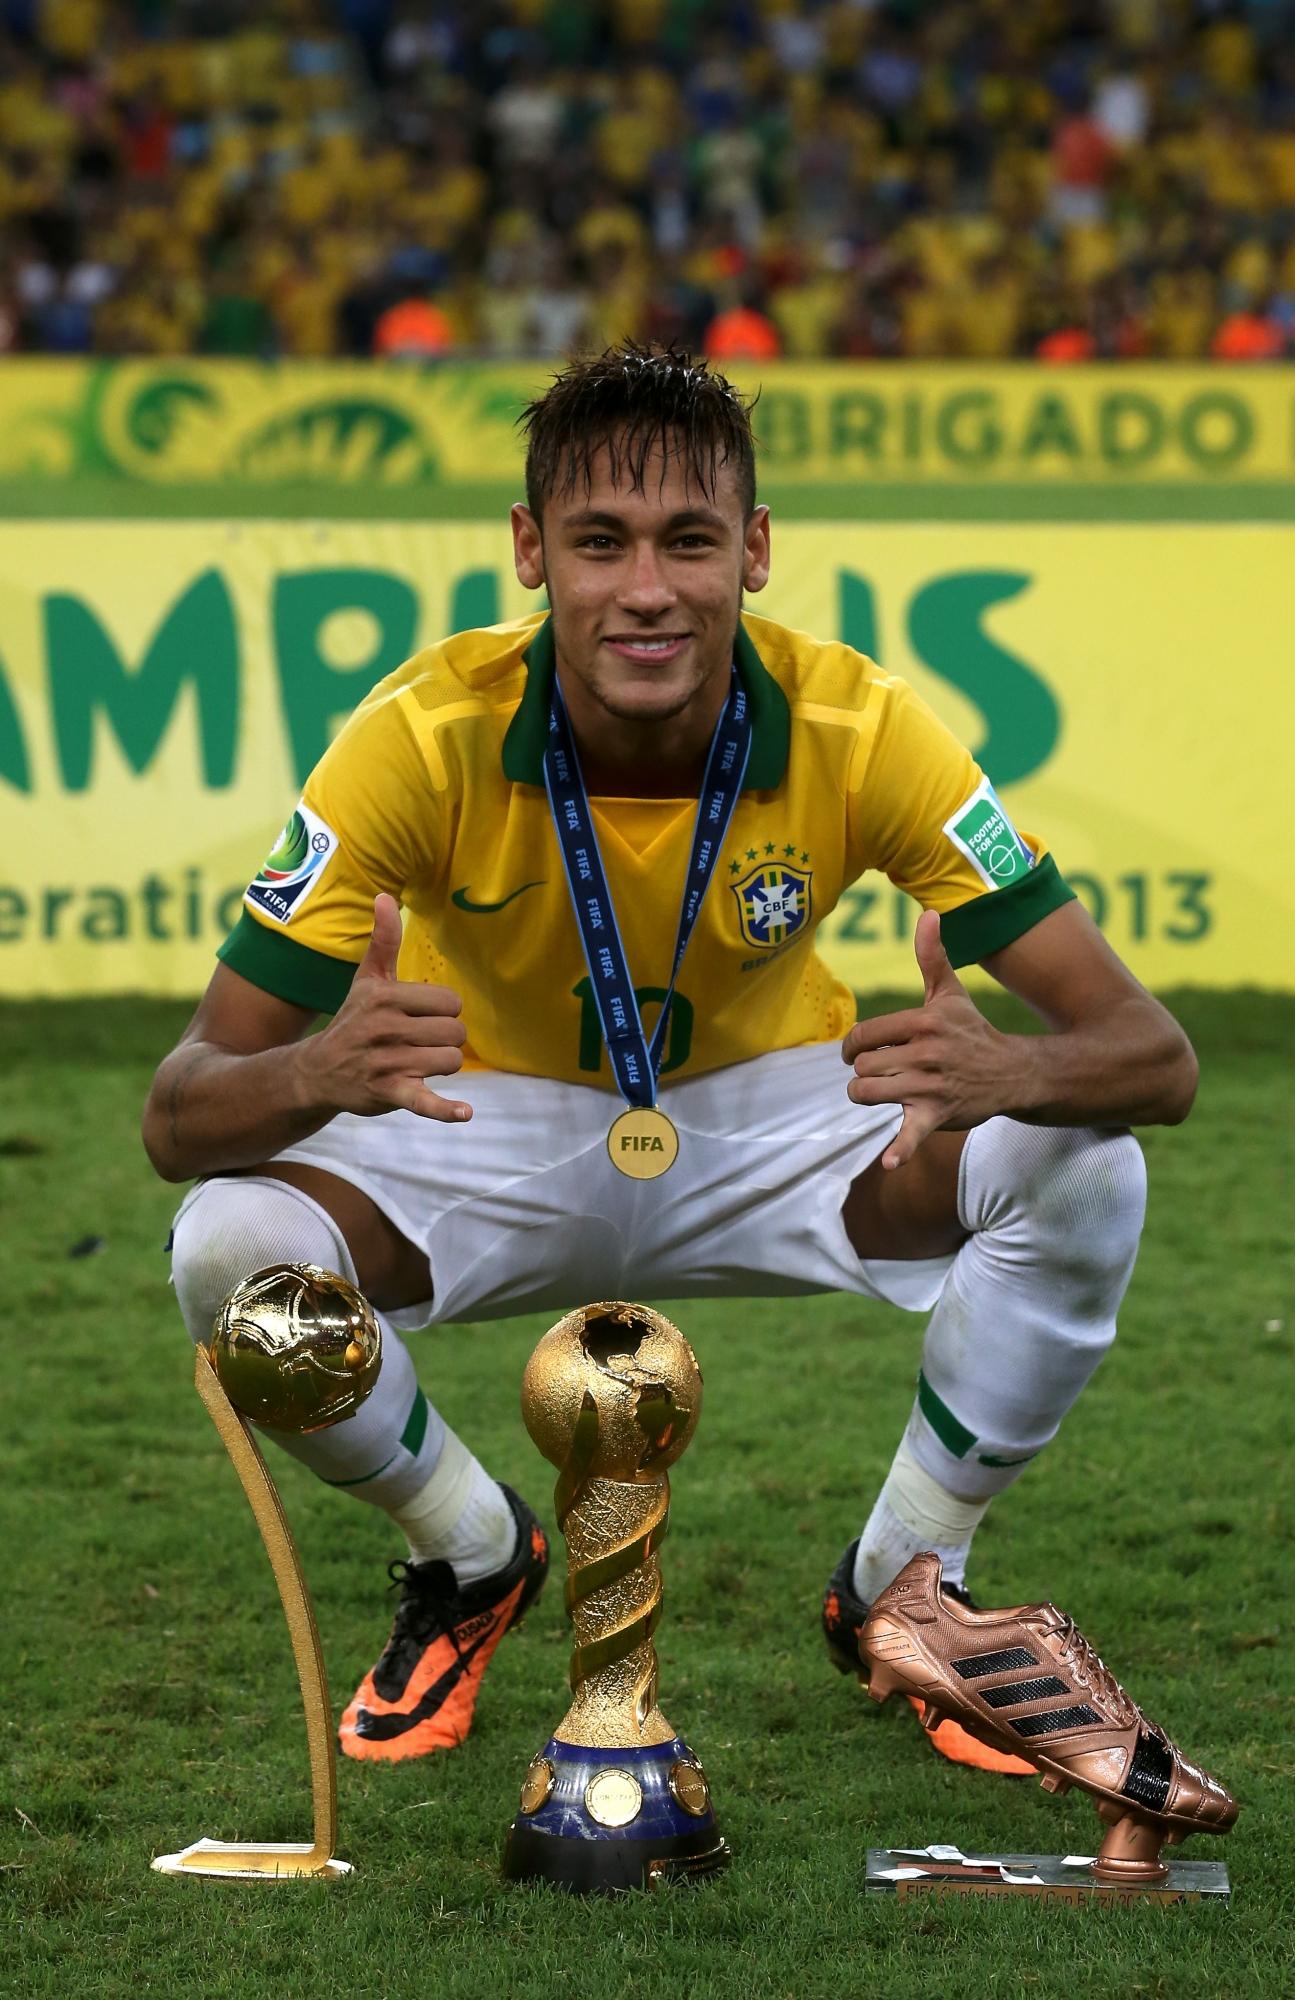 Бразилия испания футбол кубок конфедерации